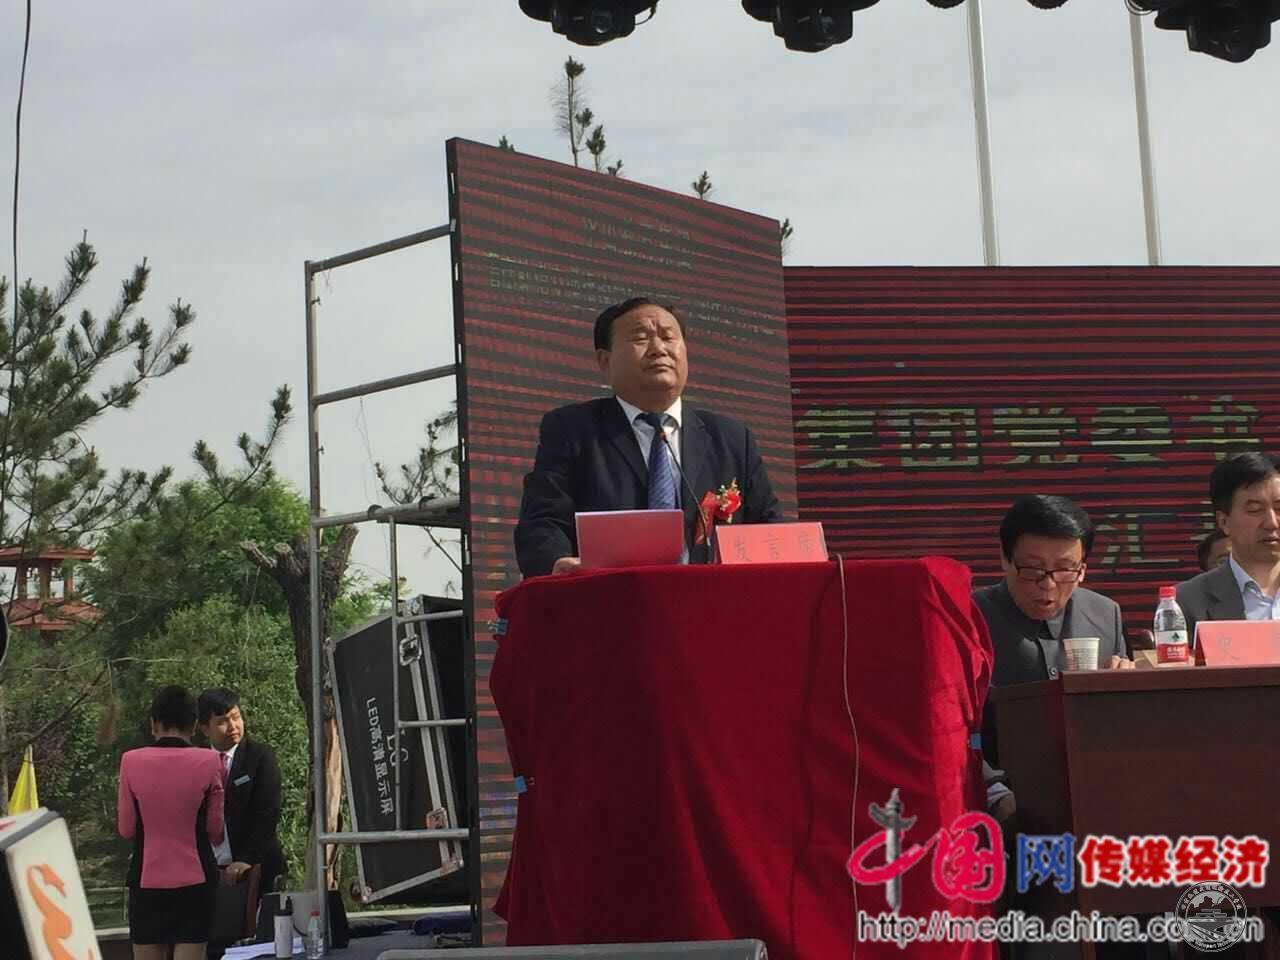 图一 华山教育集团党委书记、董事长任永敏出席大会并讲话